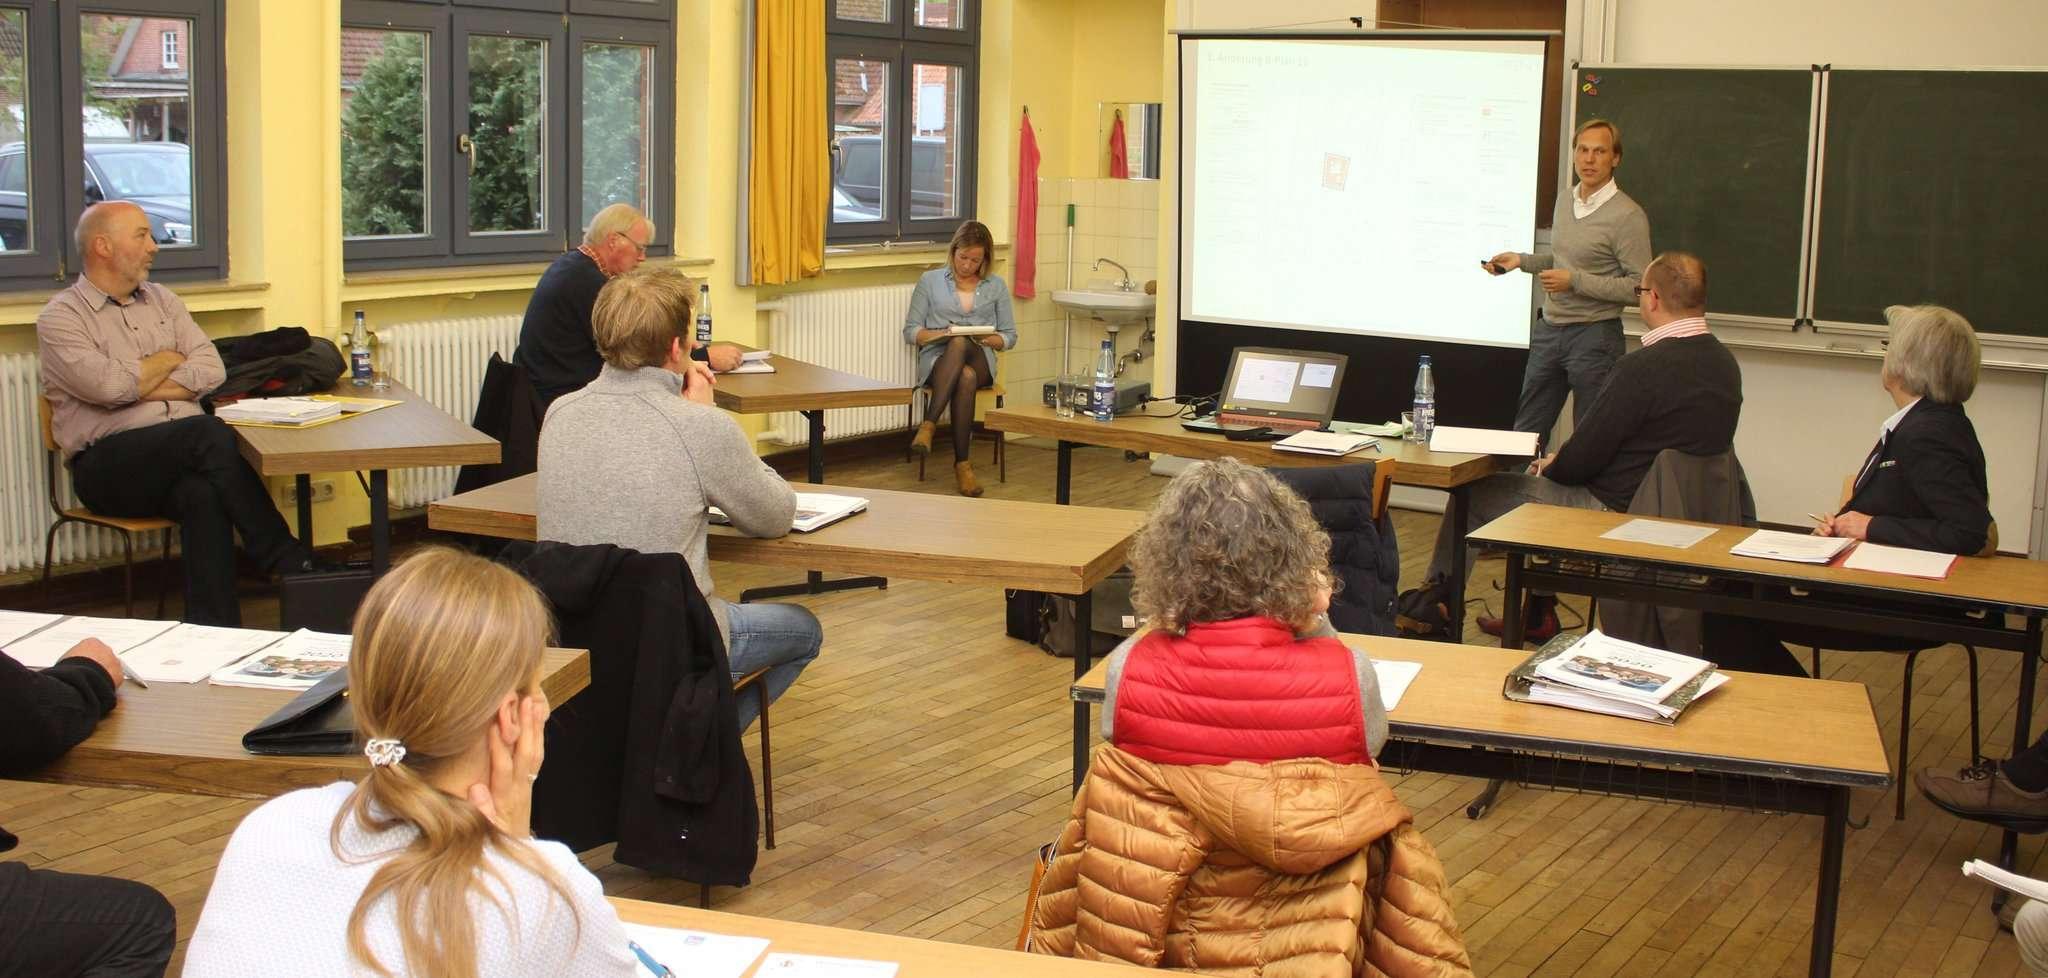 Matthias Diercks von der PGN erläuterte den Bebauungsplan für den Buchenweg. Foto: Henning Leeske